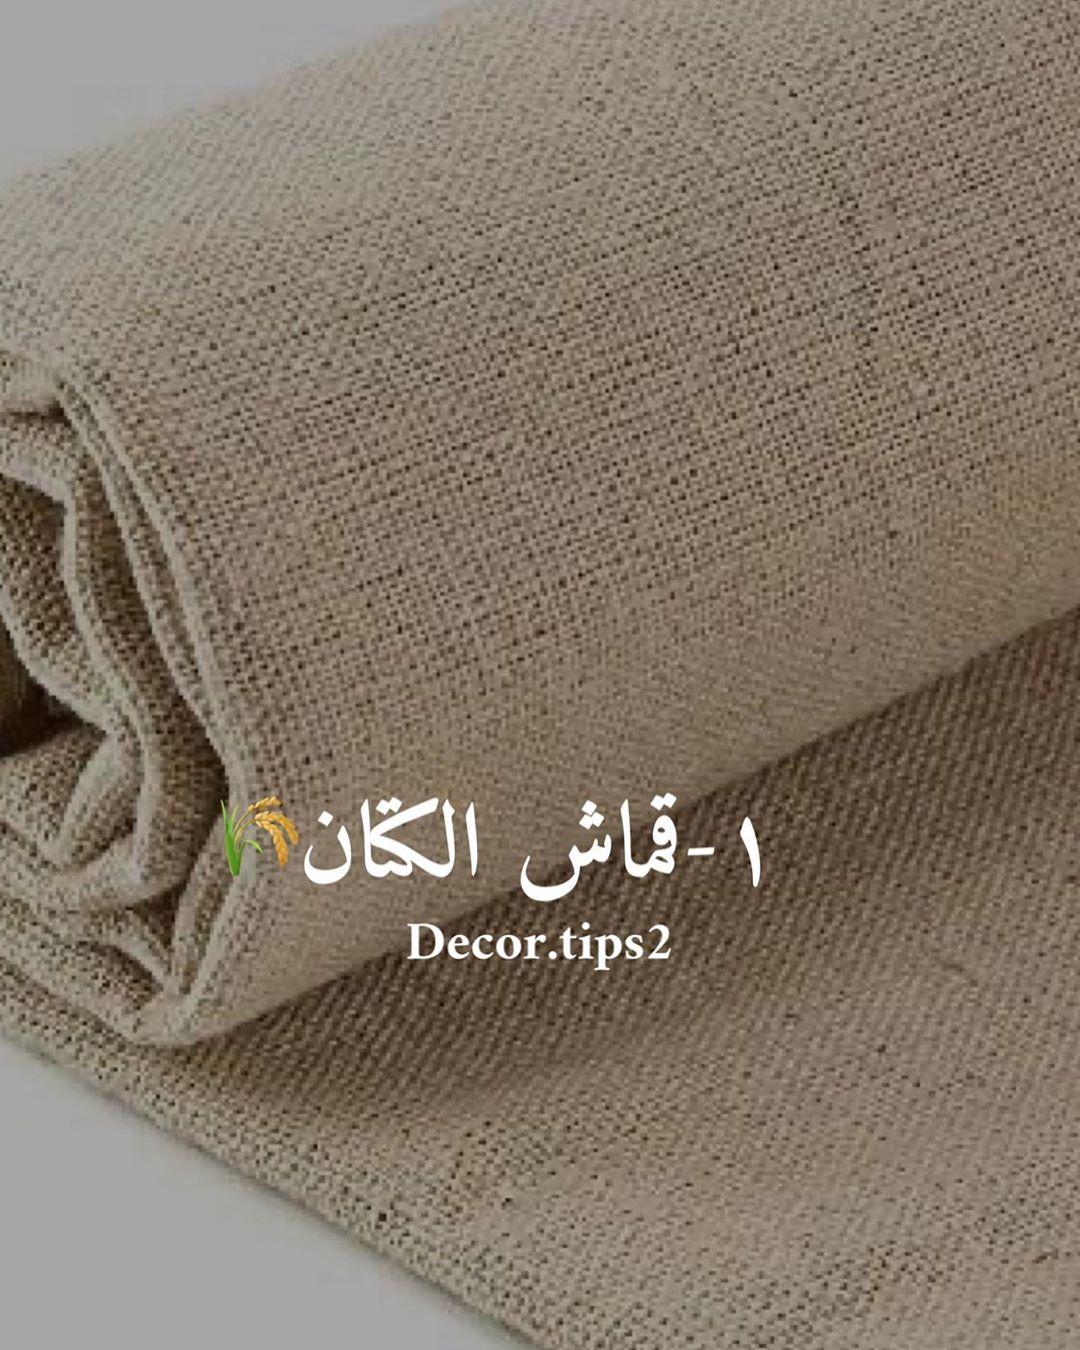 . قماش الكتان Linen fabric  . يعتبر من أفضل أنواع الأقمشة ويتميز بعدة مميزا